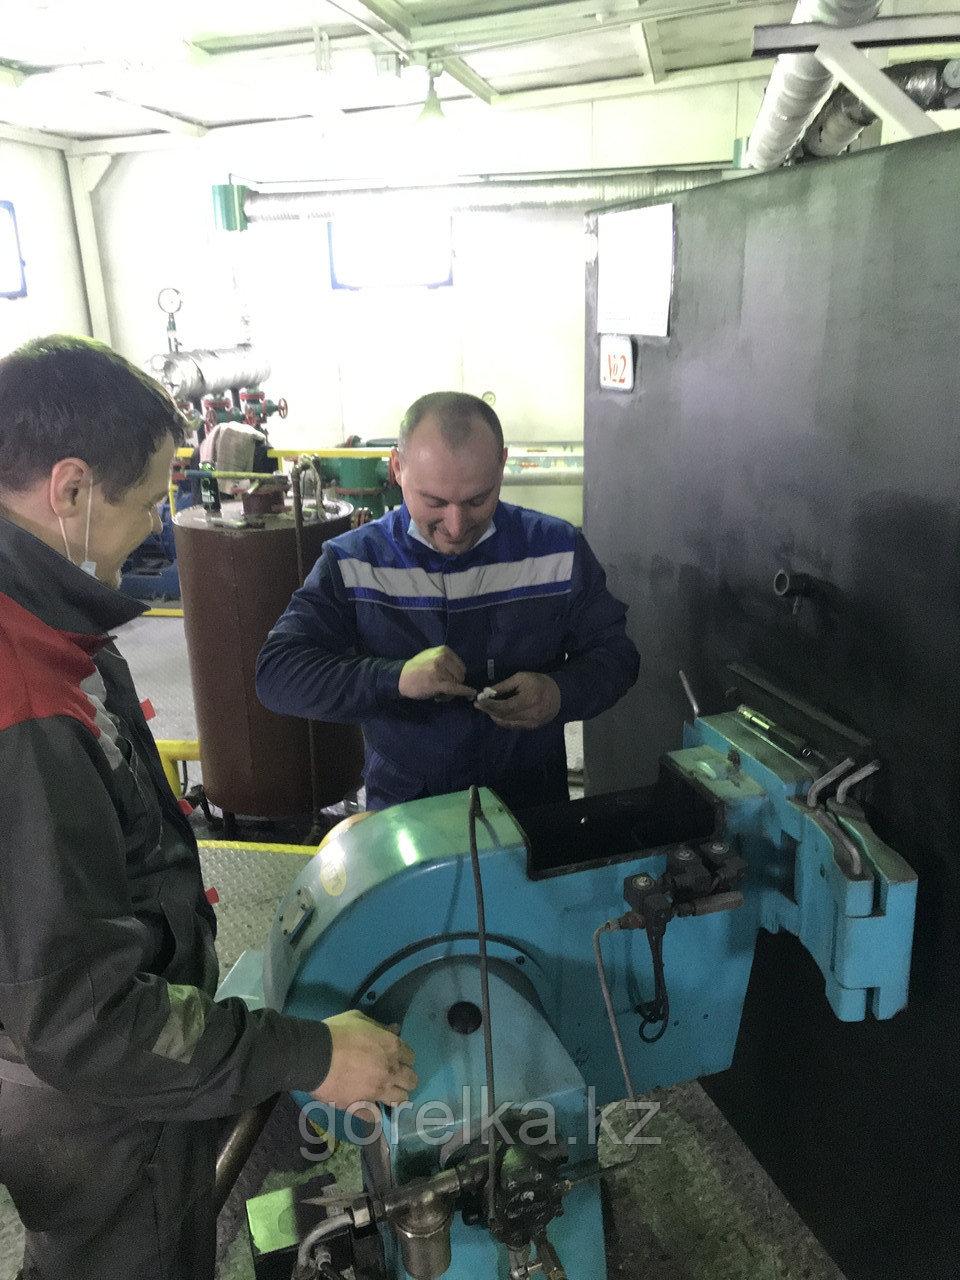 Ремонт, сервис и обслуживание котельных установок